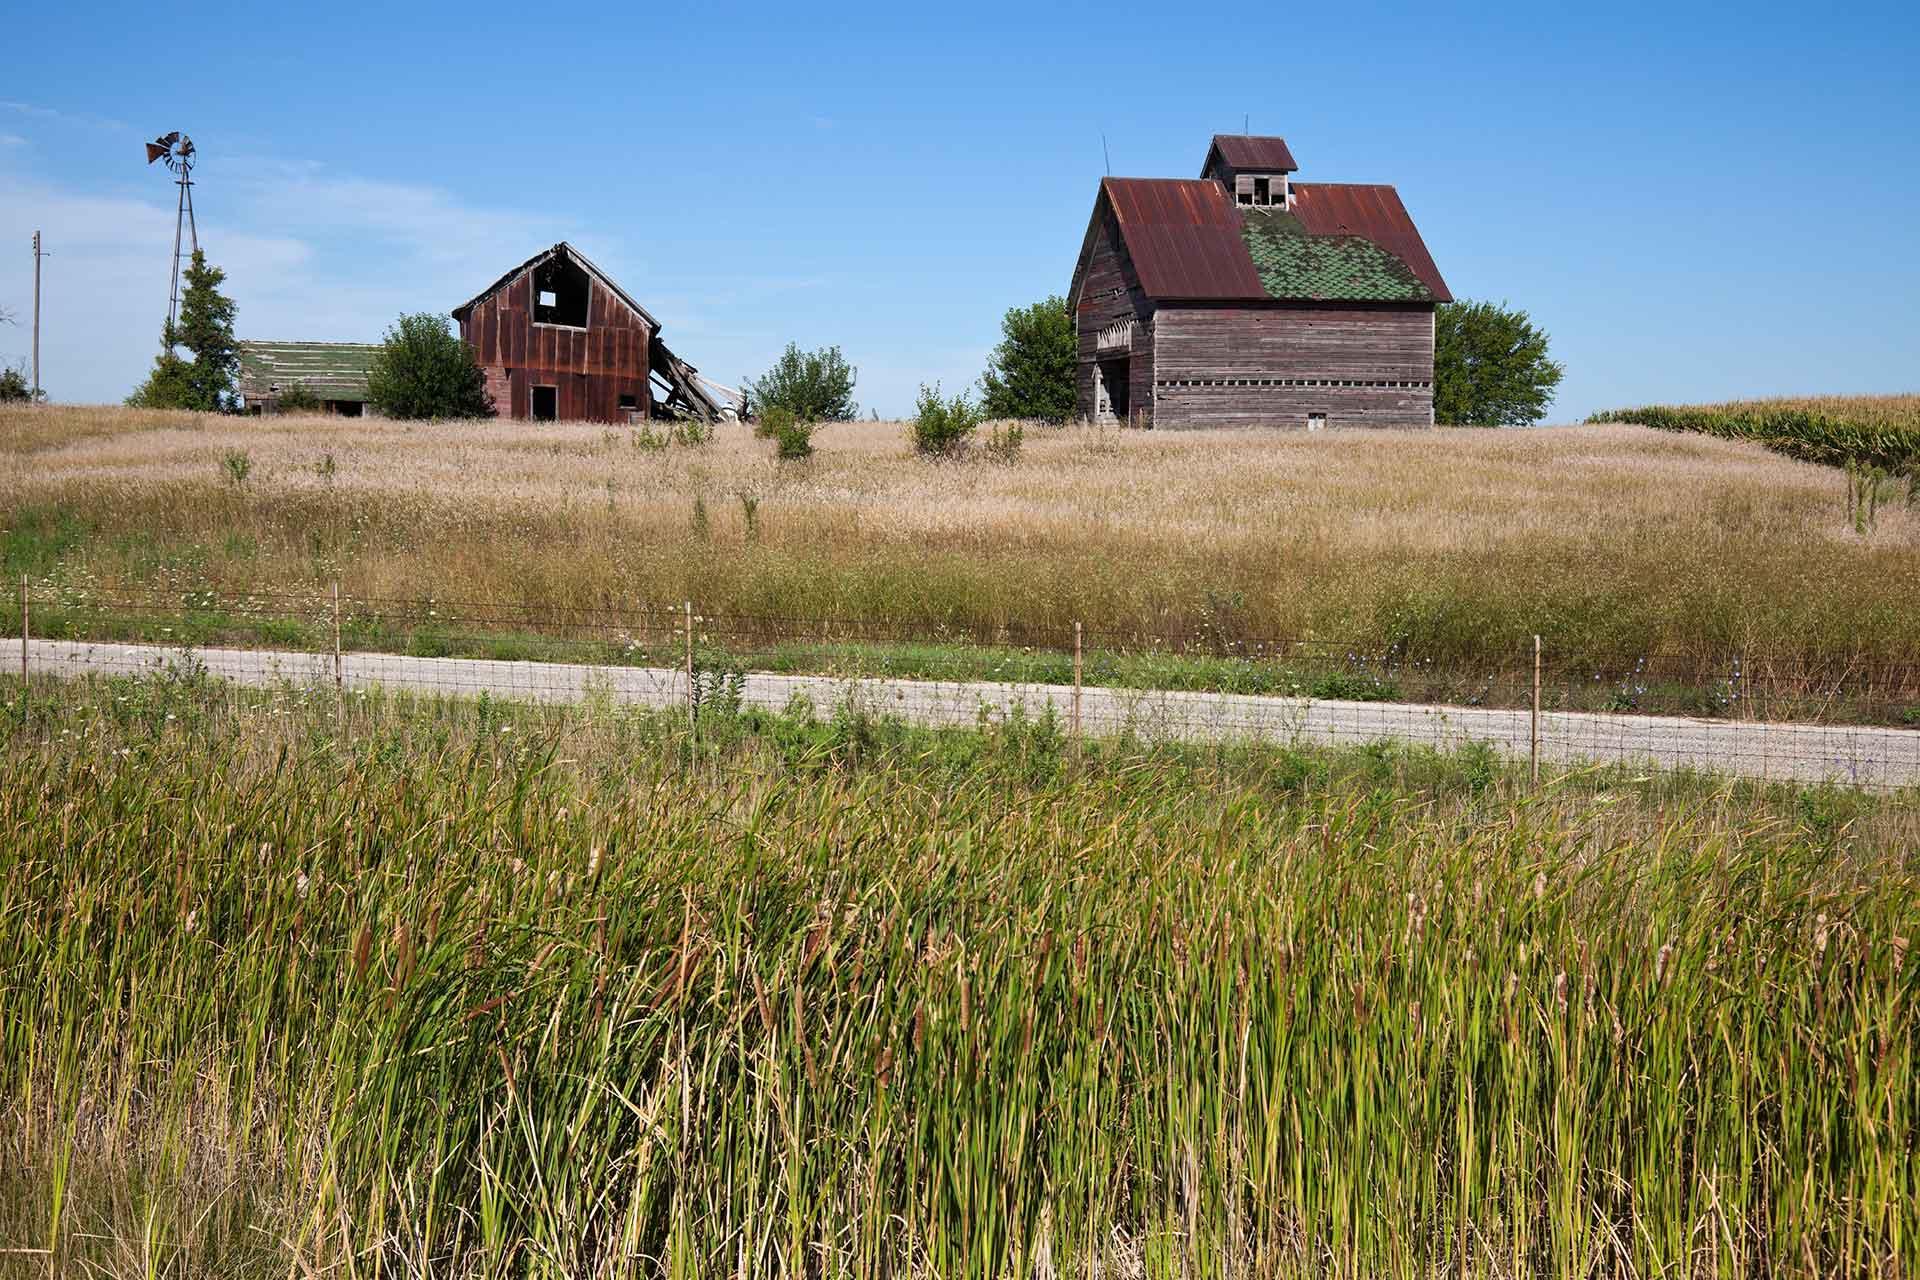 Iowa – Where the Tall Corn Grows